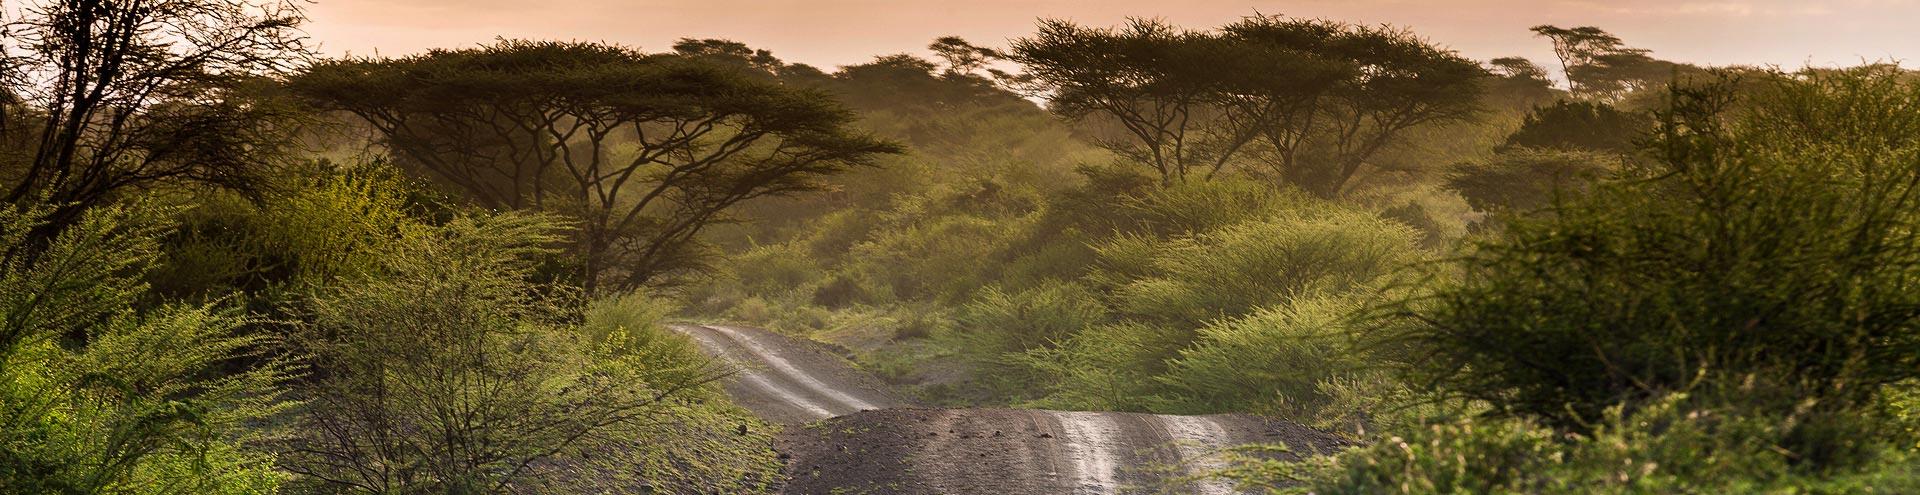 Morgendliche Fahrt durch Afrika